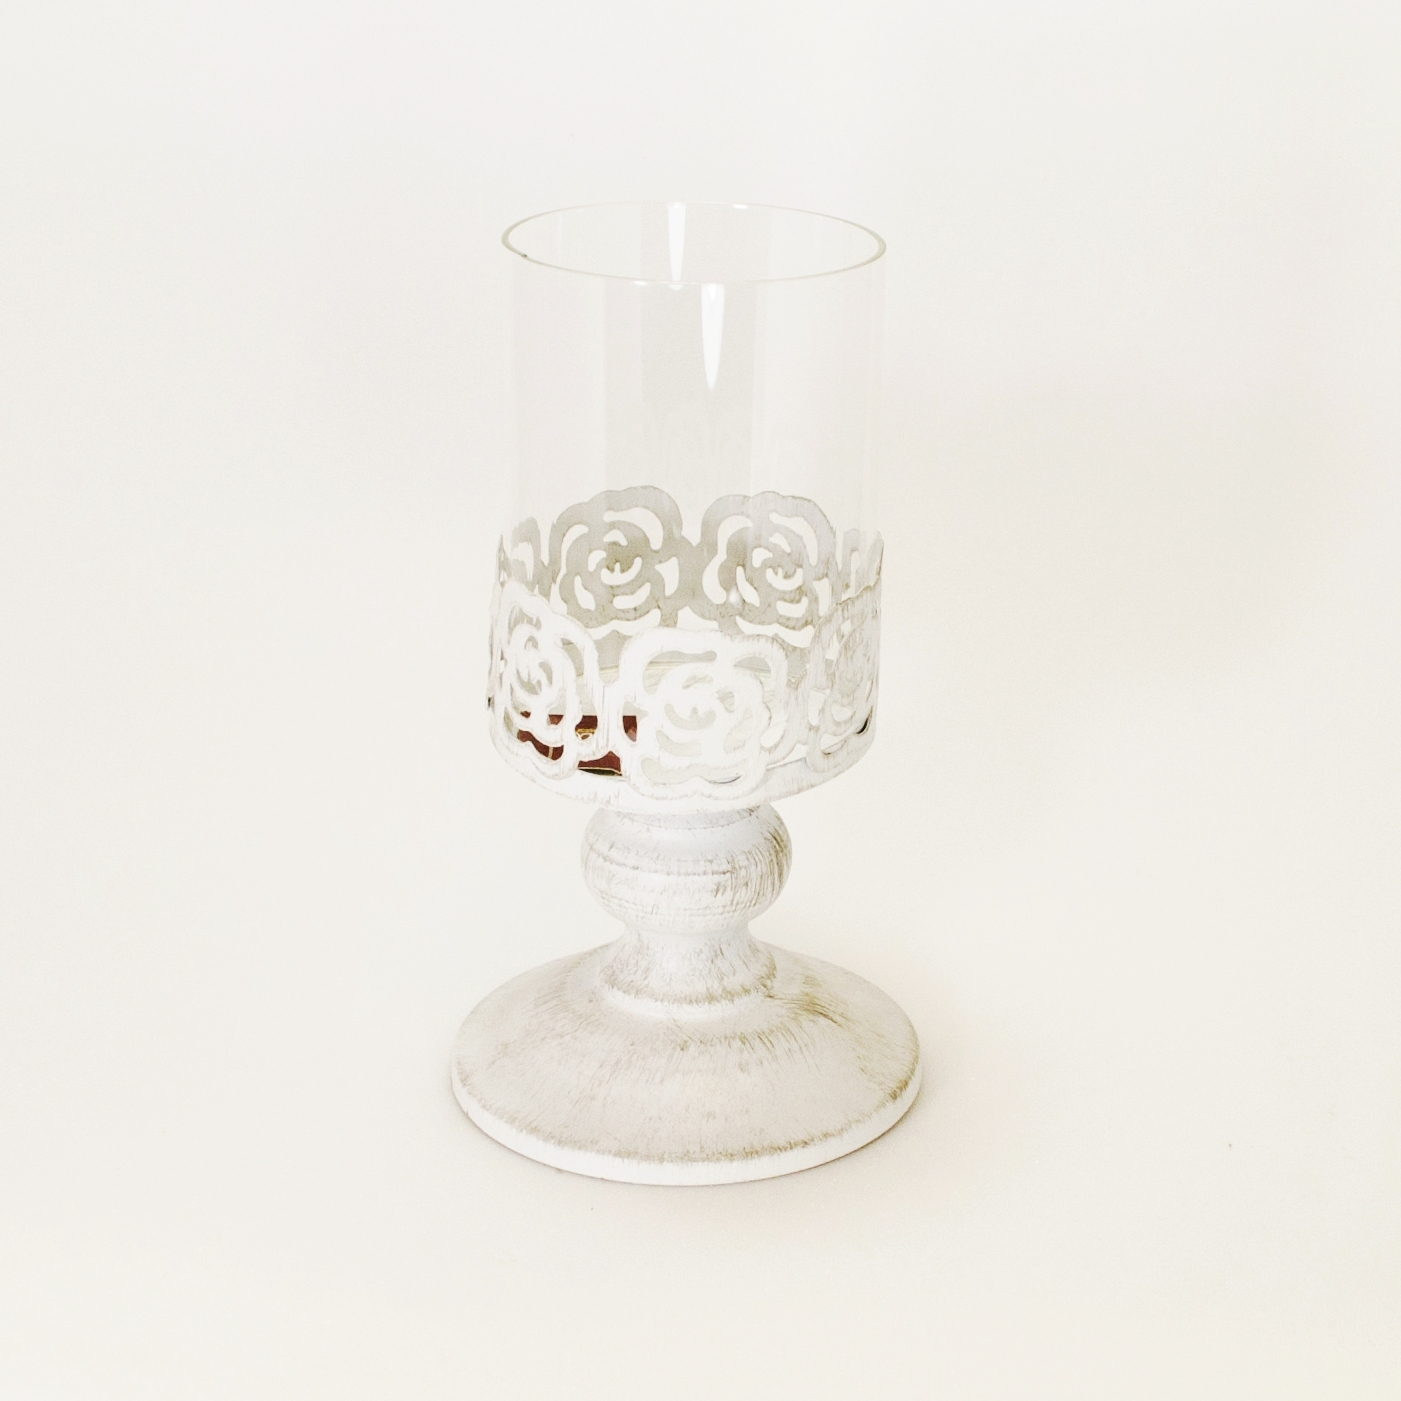 Подсвечник маленький со стеклом (Мебель и предметы интерьера)Мебель и предметы интерьера<br>Металлический подсвечник на ножке со стеклом<br>Размер: 10x10x17 см<br>Производитель: Dekoratief, Бельгия<br>